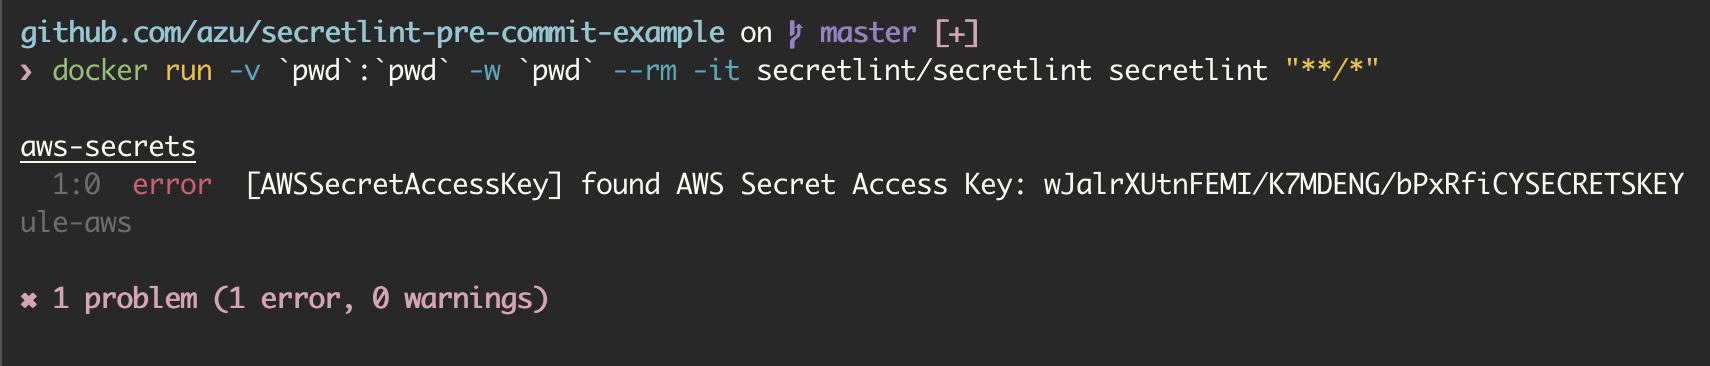 Secretlintの出力例: AWSのSecret Access Keyが見つかったケース